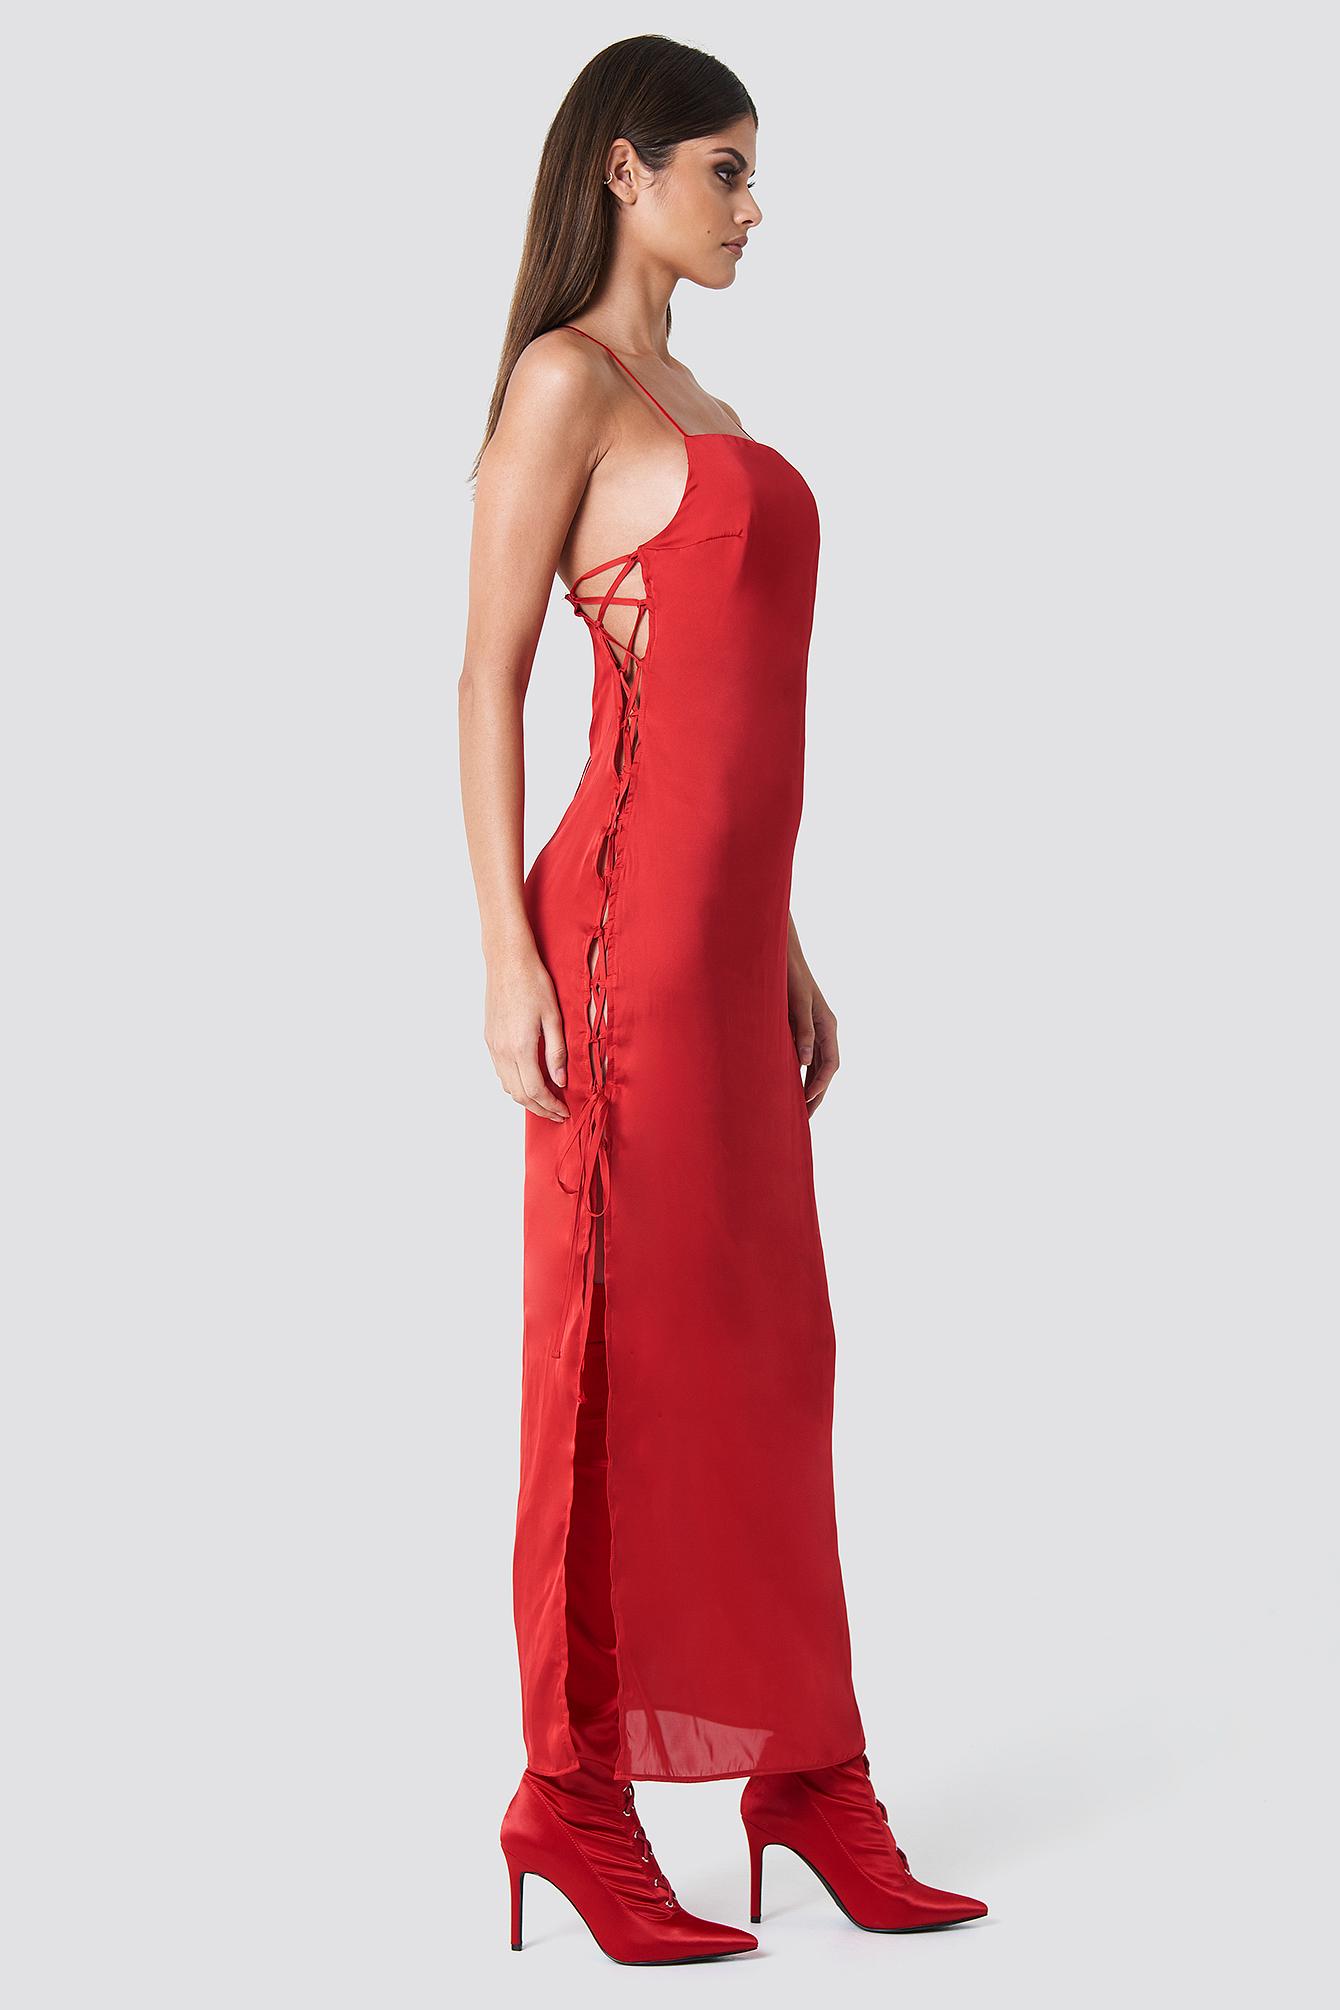 SAHARA RAY X NA-KD Long Satin Lacing Dress - Red